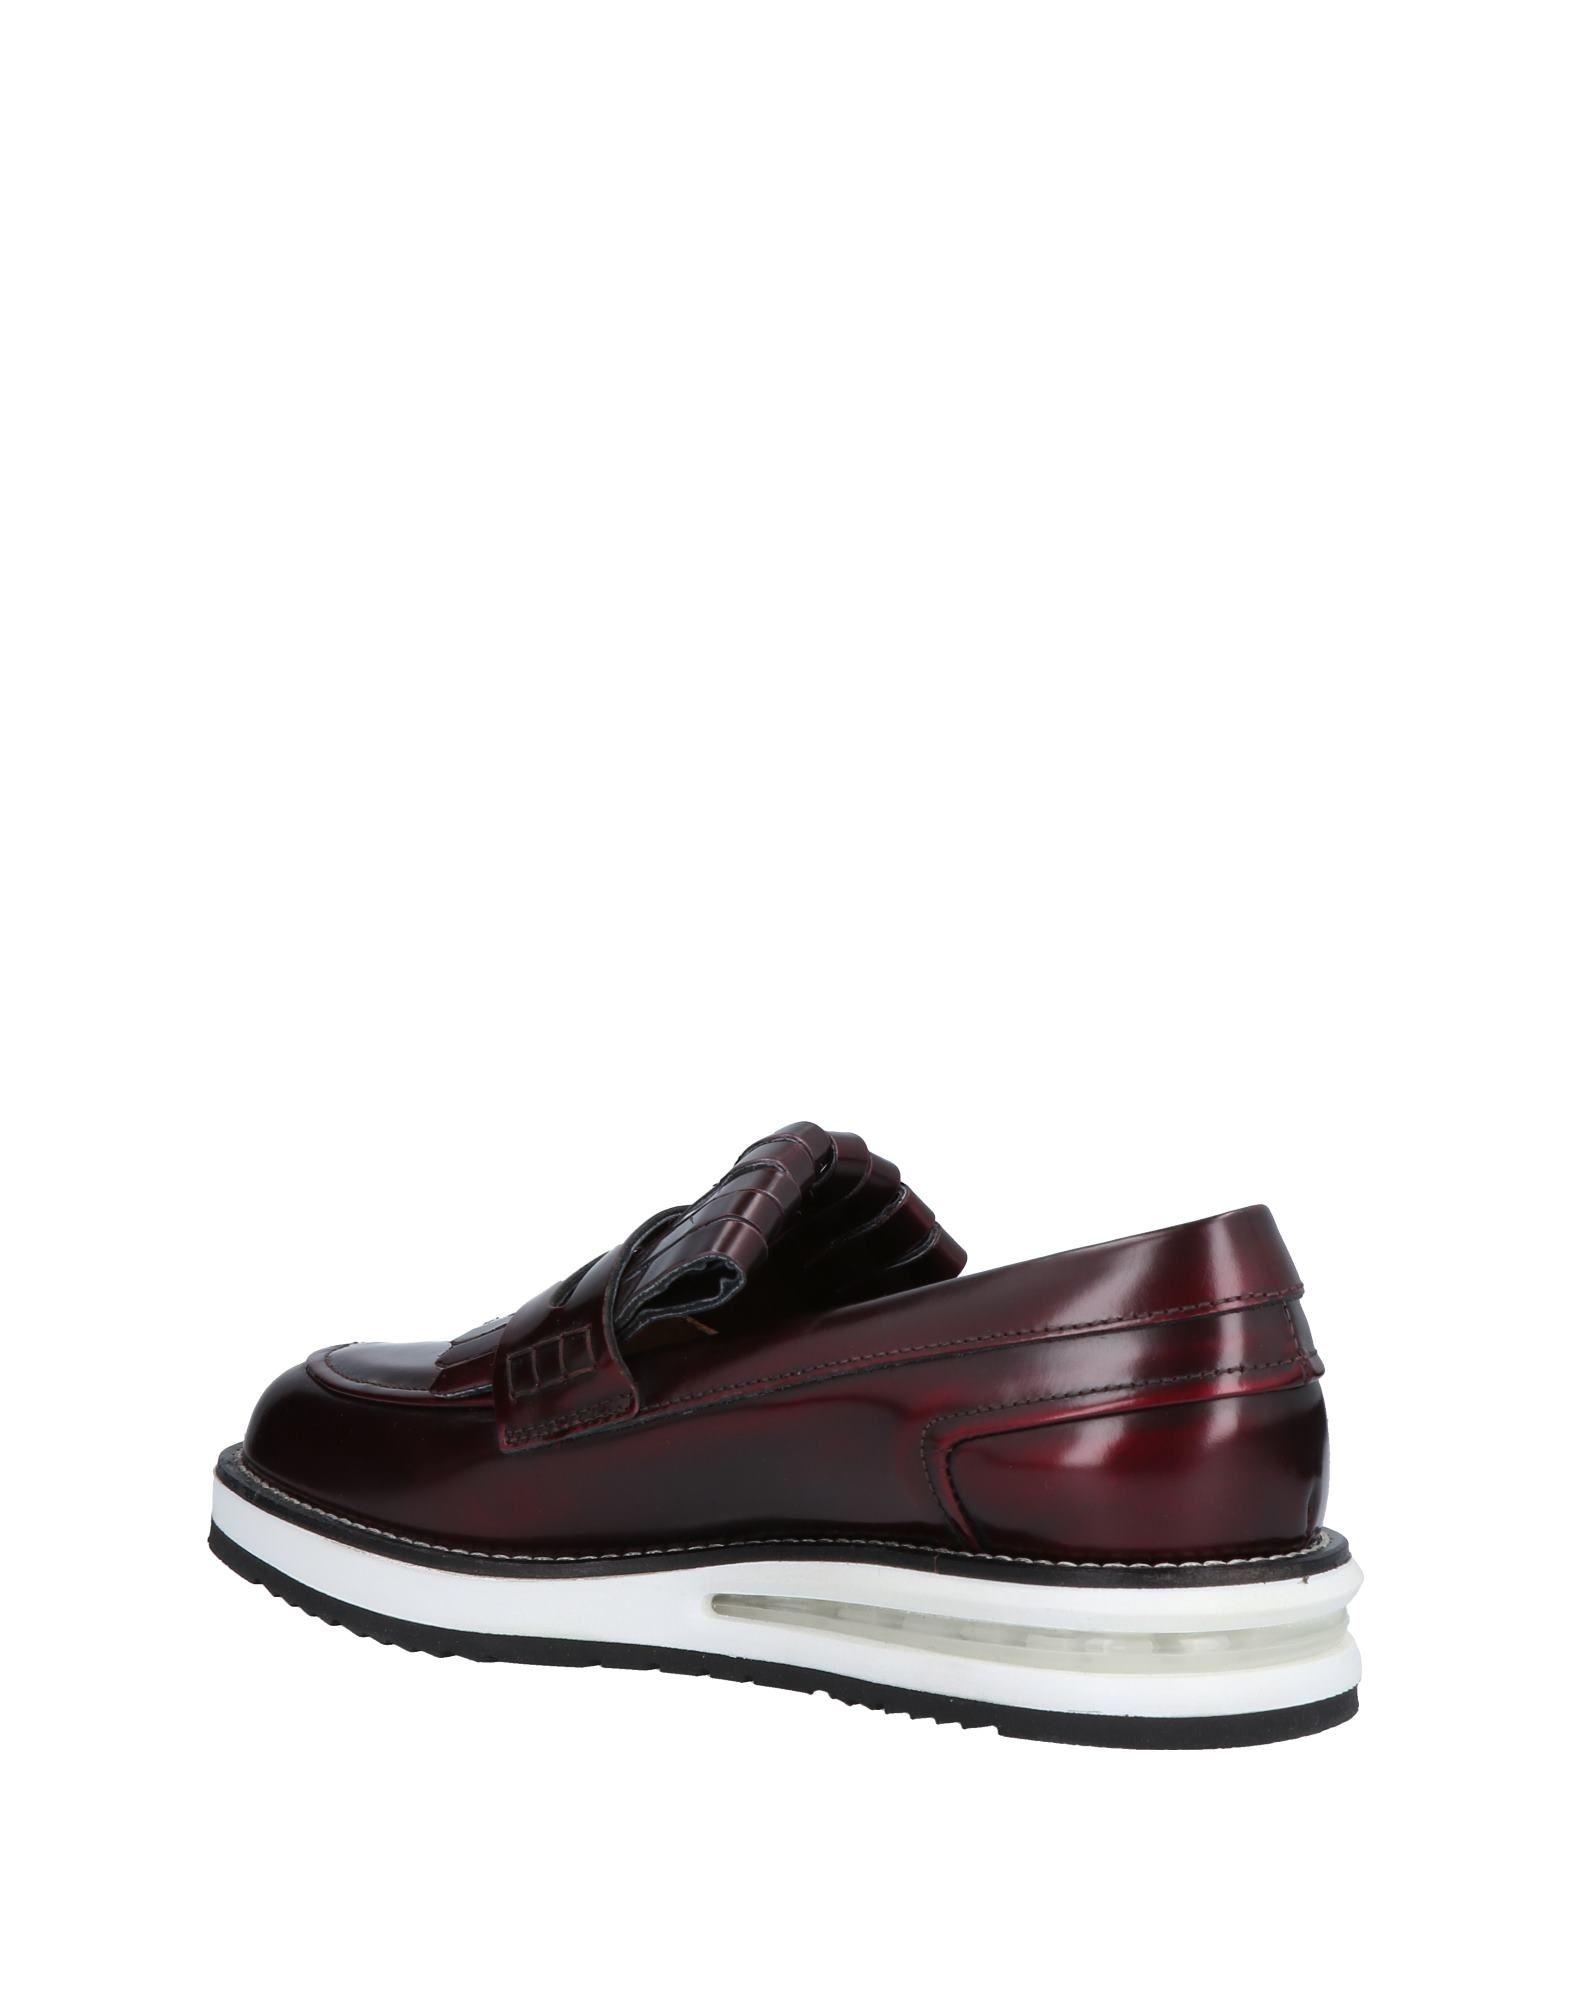 Barleycorn Mokassins Damen  Schuhe 11479706XO Gute Qualität beliebte Schuhe  6ac86c